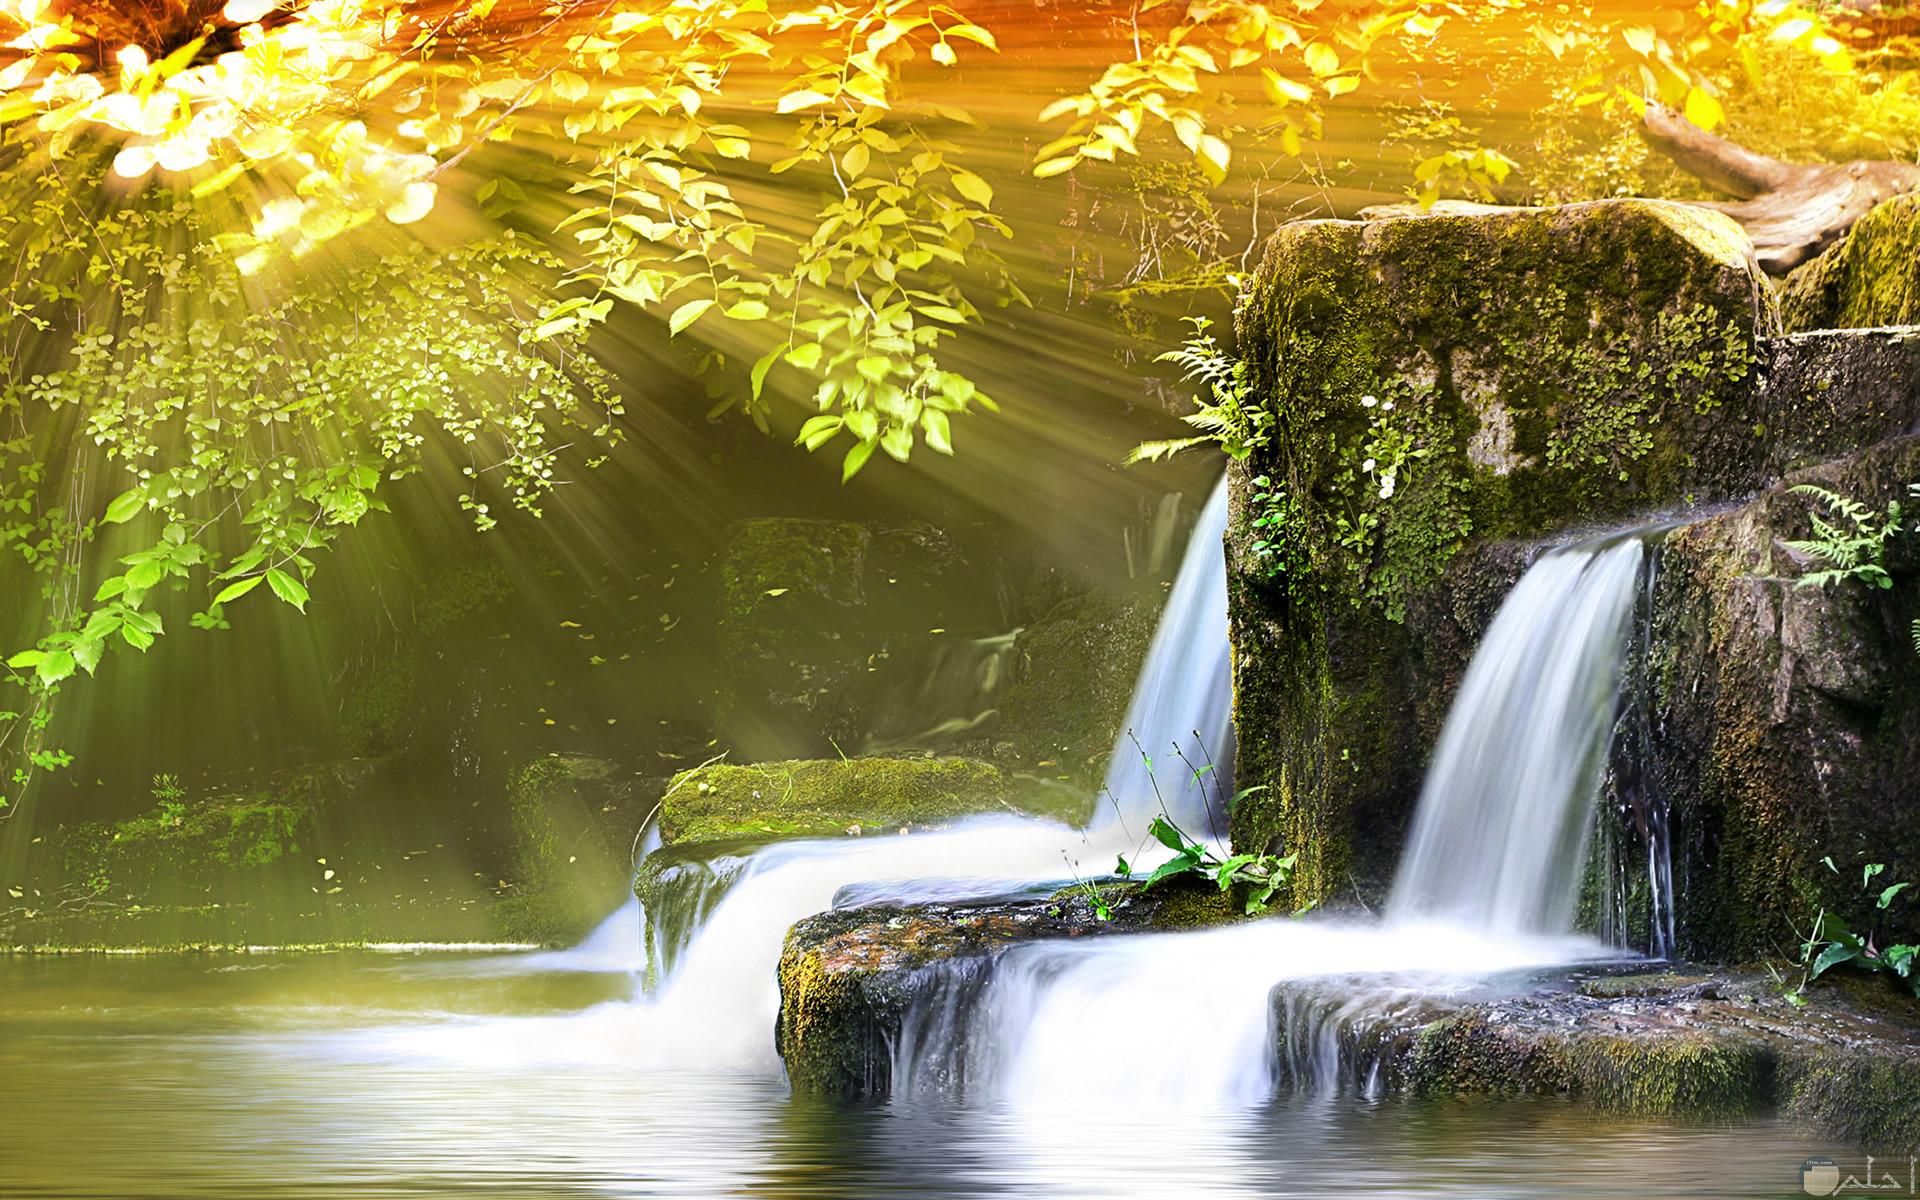 شلالات بين الصخور واشجار محاطة بها